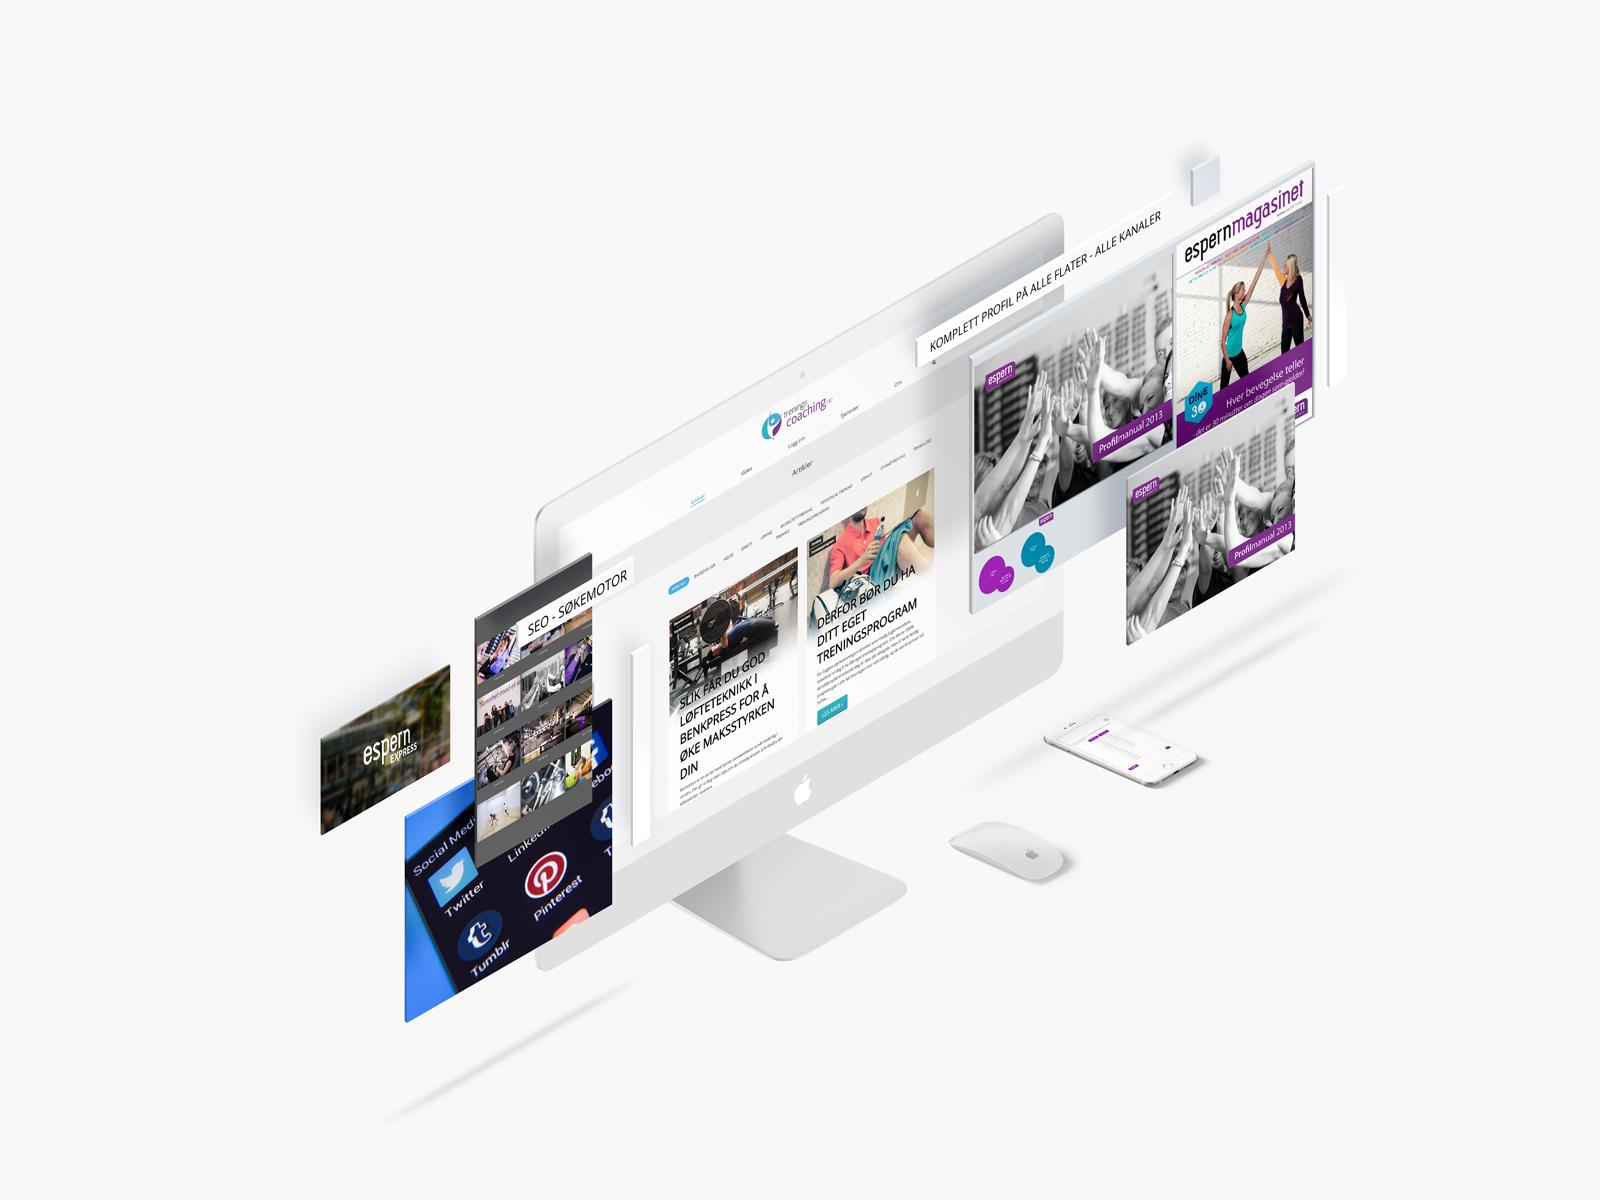 webdesign, seo, nettutvikling, webutvikling, profil, reklamebyrå, ringsaker